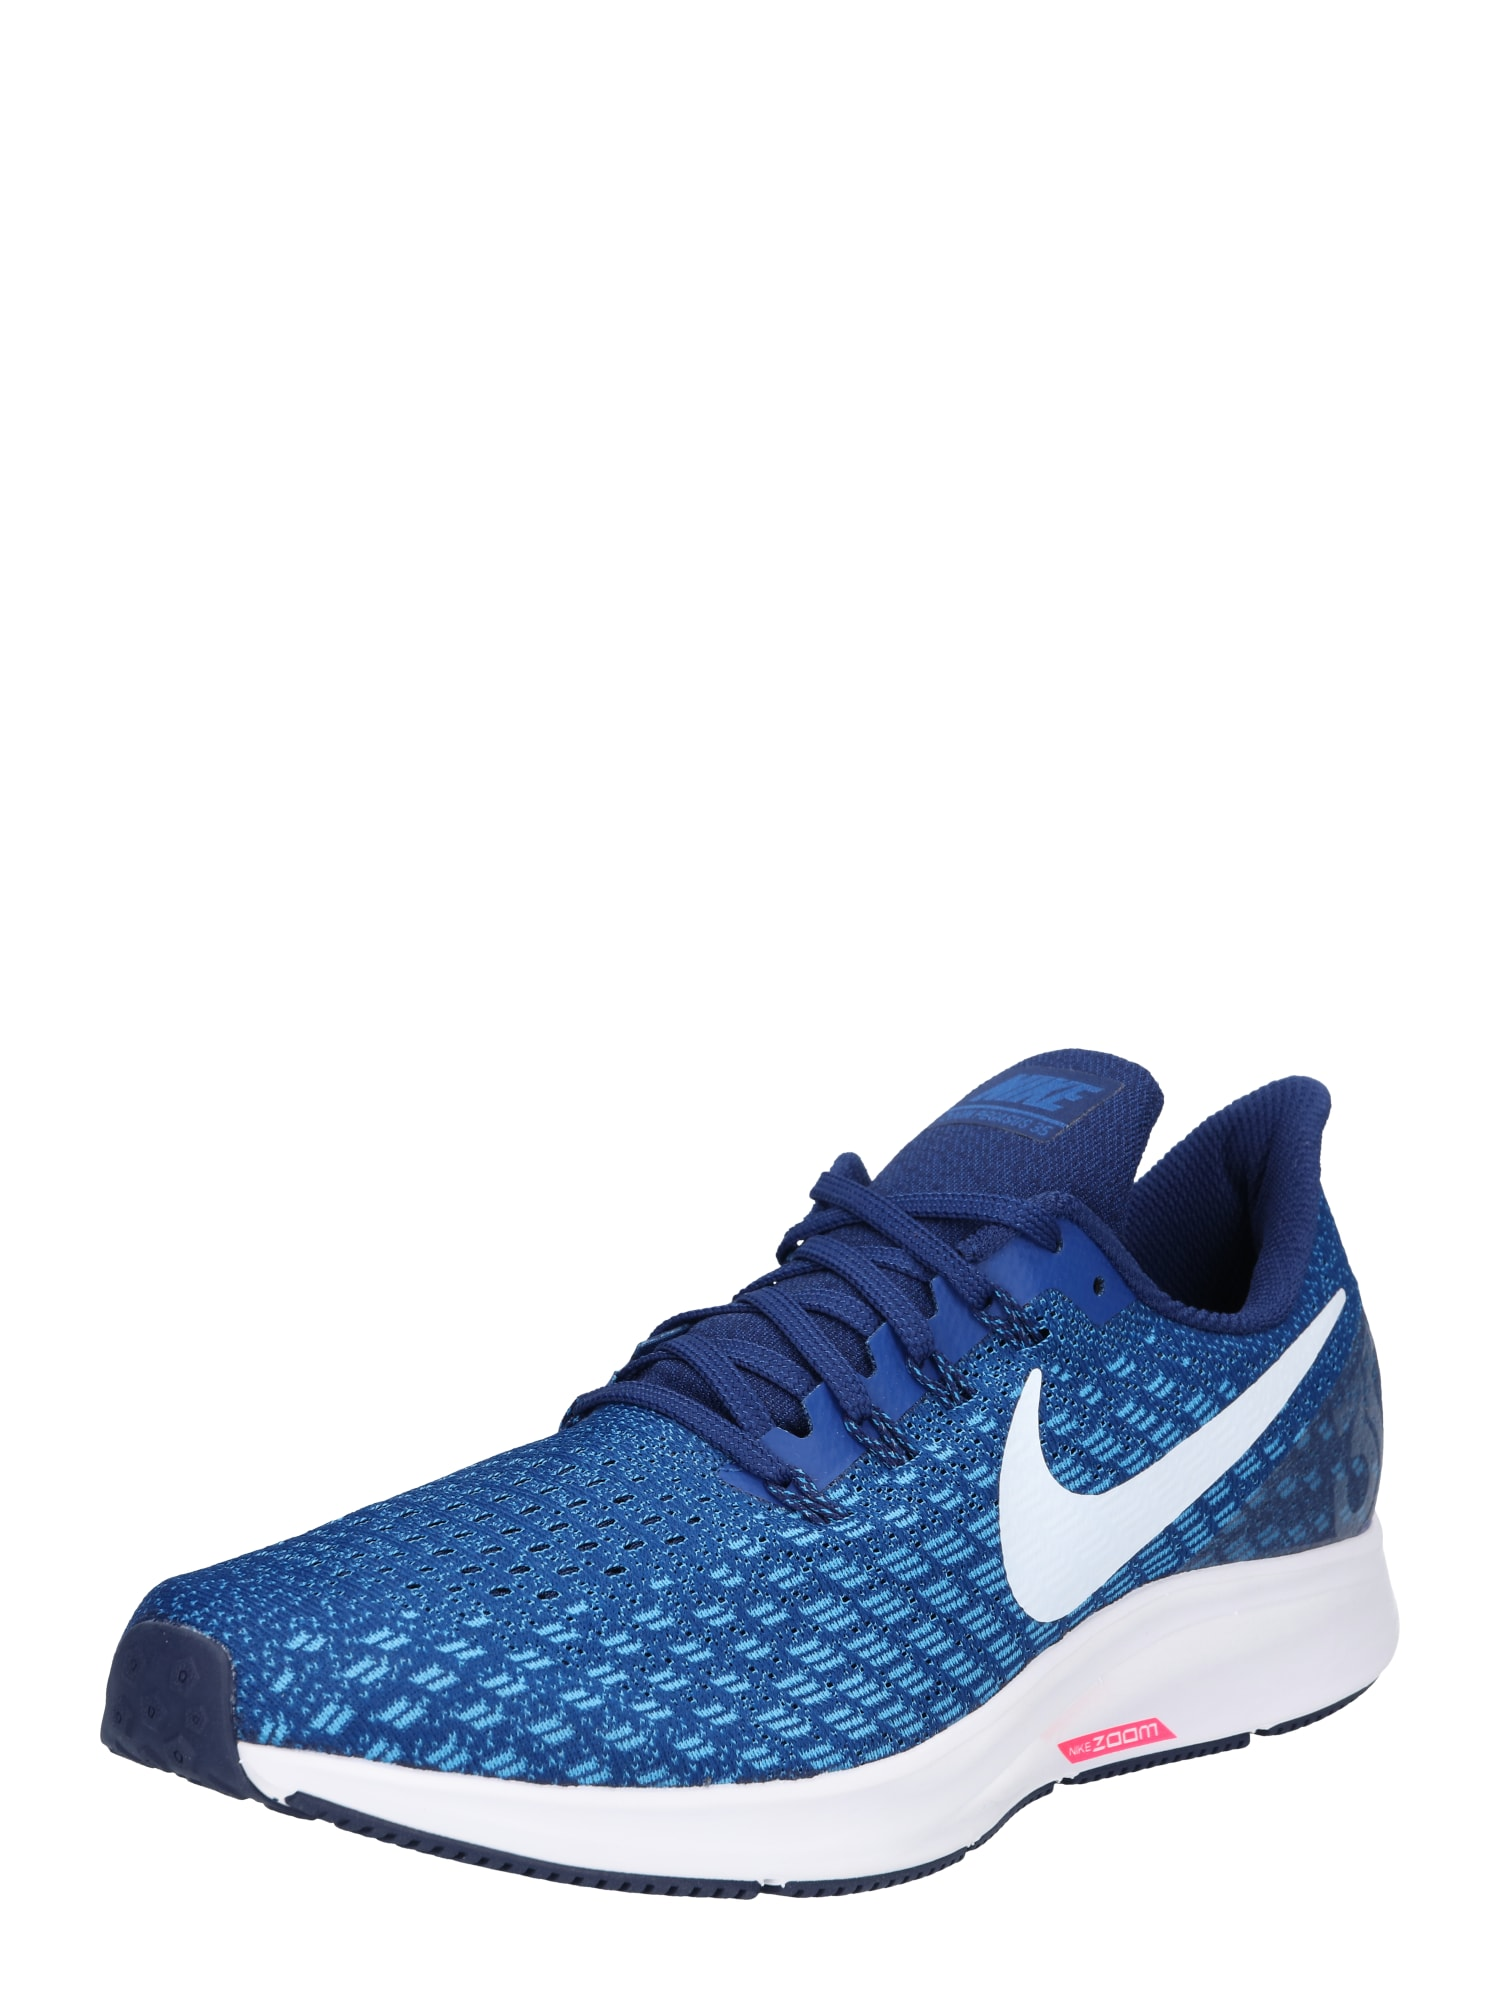 Běžecká obuv Air Zoom Pegasus 35 modrá světlemodrá bílá NIKE